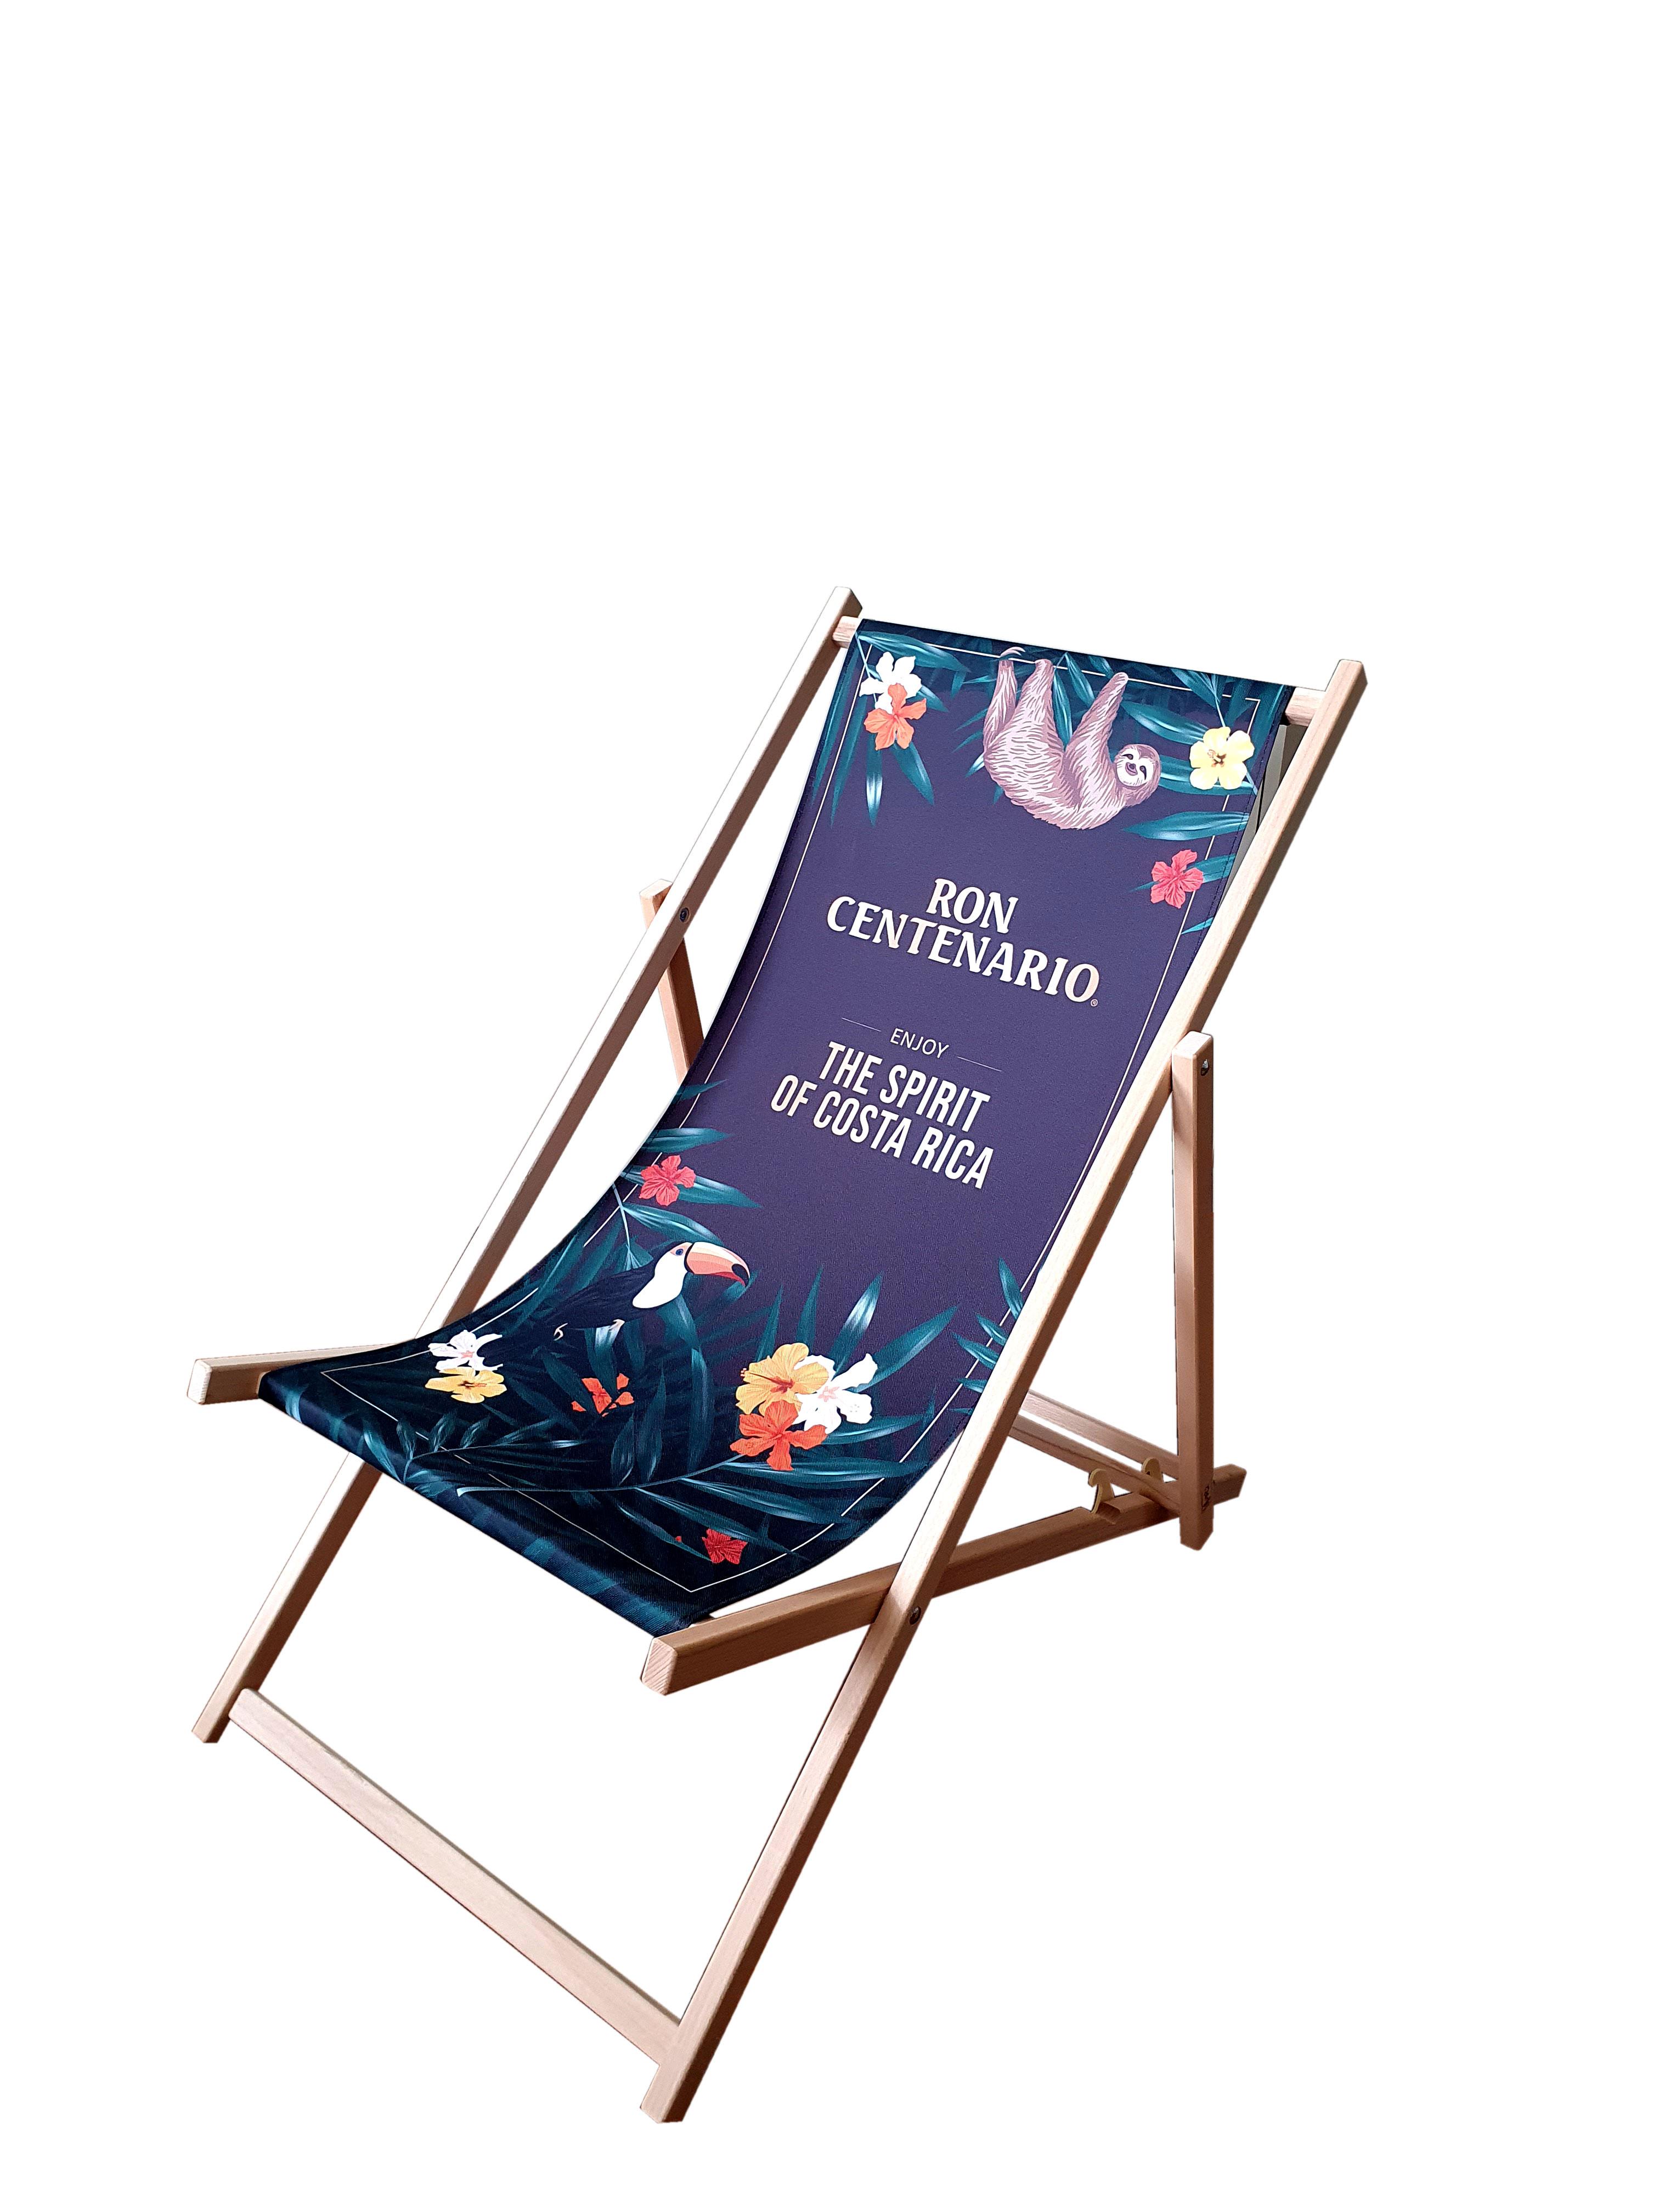 Ron Centenario Liegestuhl aus Buchenholz - dreifach verstellbar / Enjoy the Spirit of Costa Rica